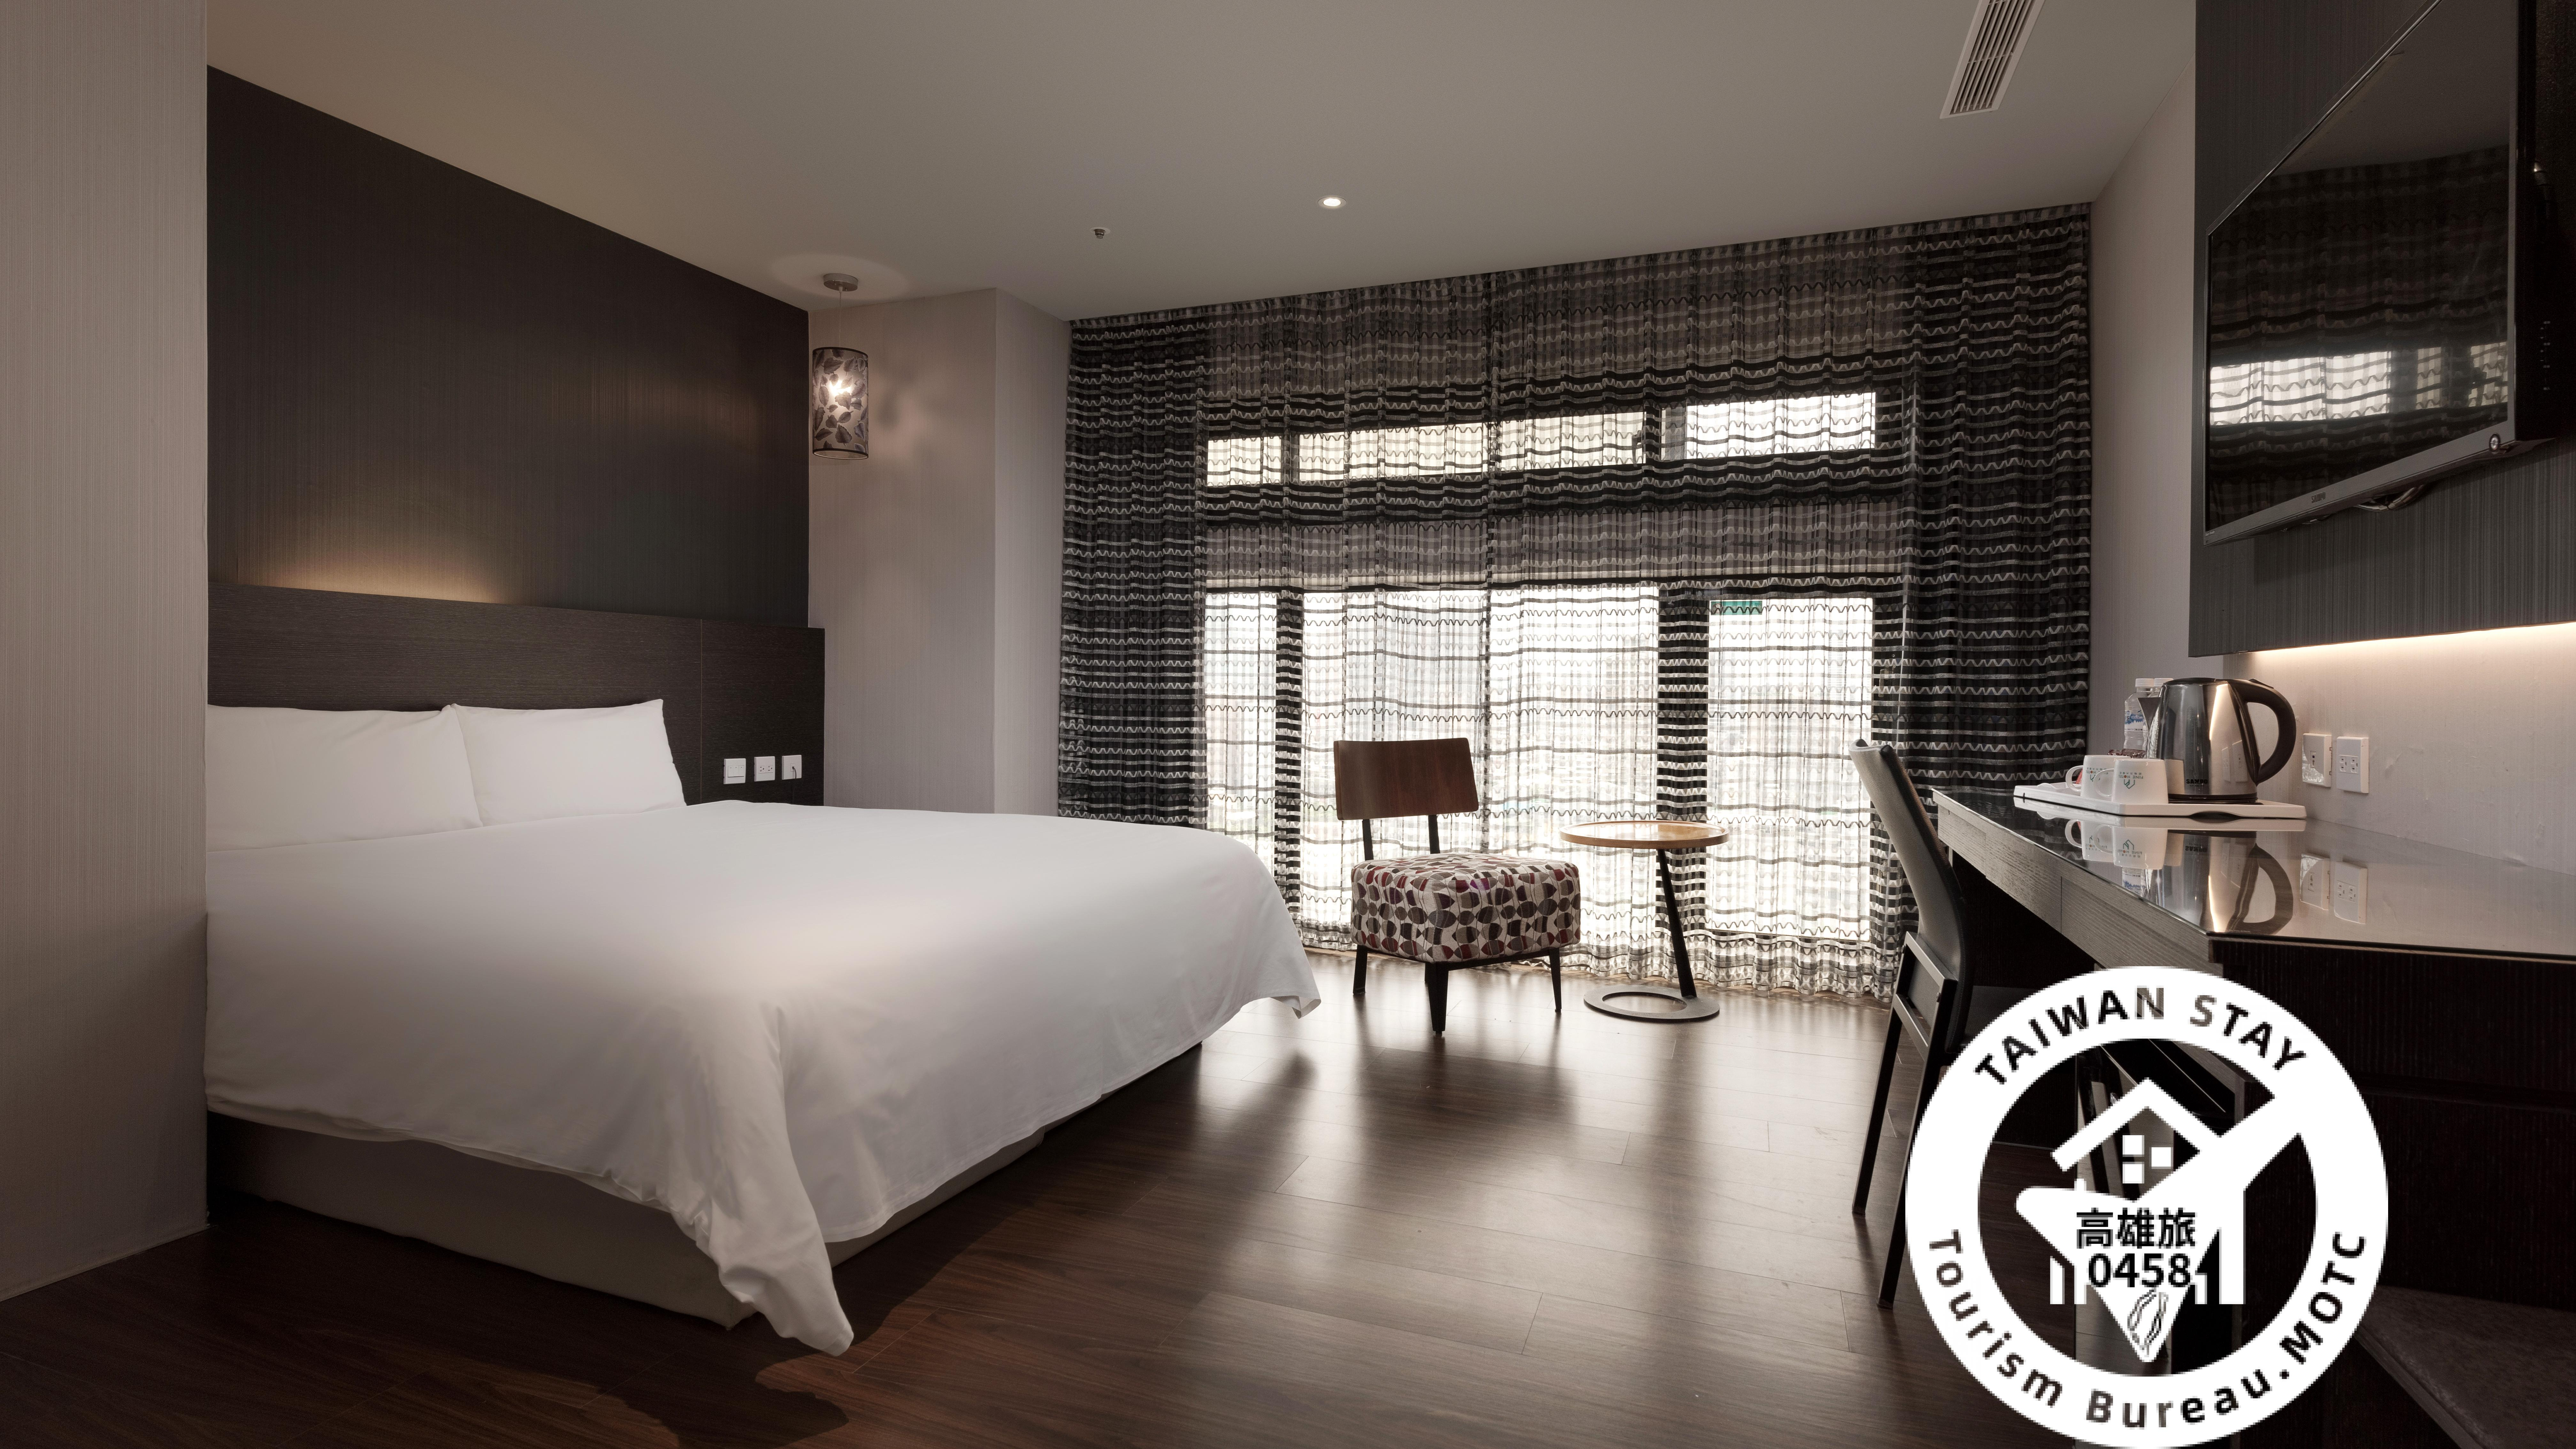 標準雙床房照片_1